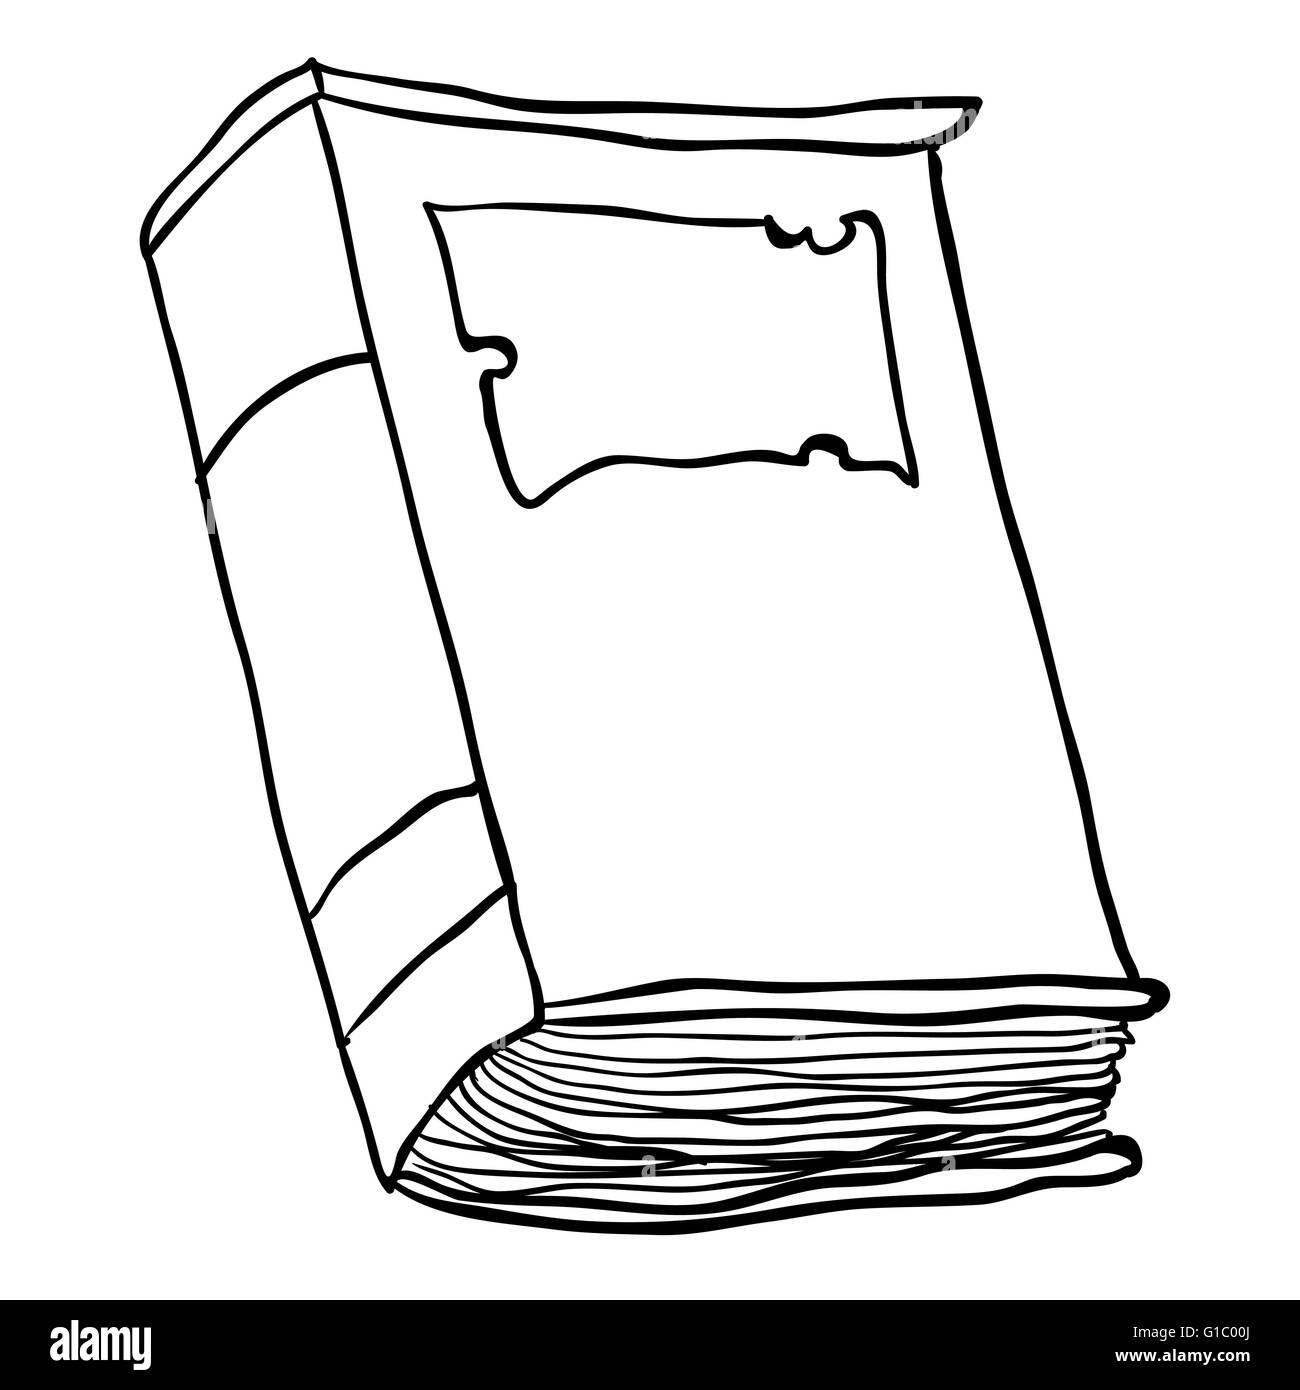 Simple En Blanco Y Negro Viejo Libro De Dibujos Animados Imagen Vector De Stock Alamy